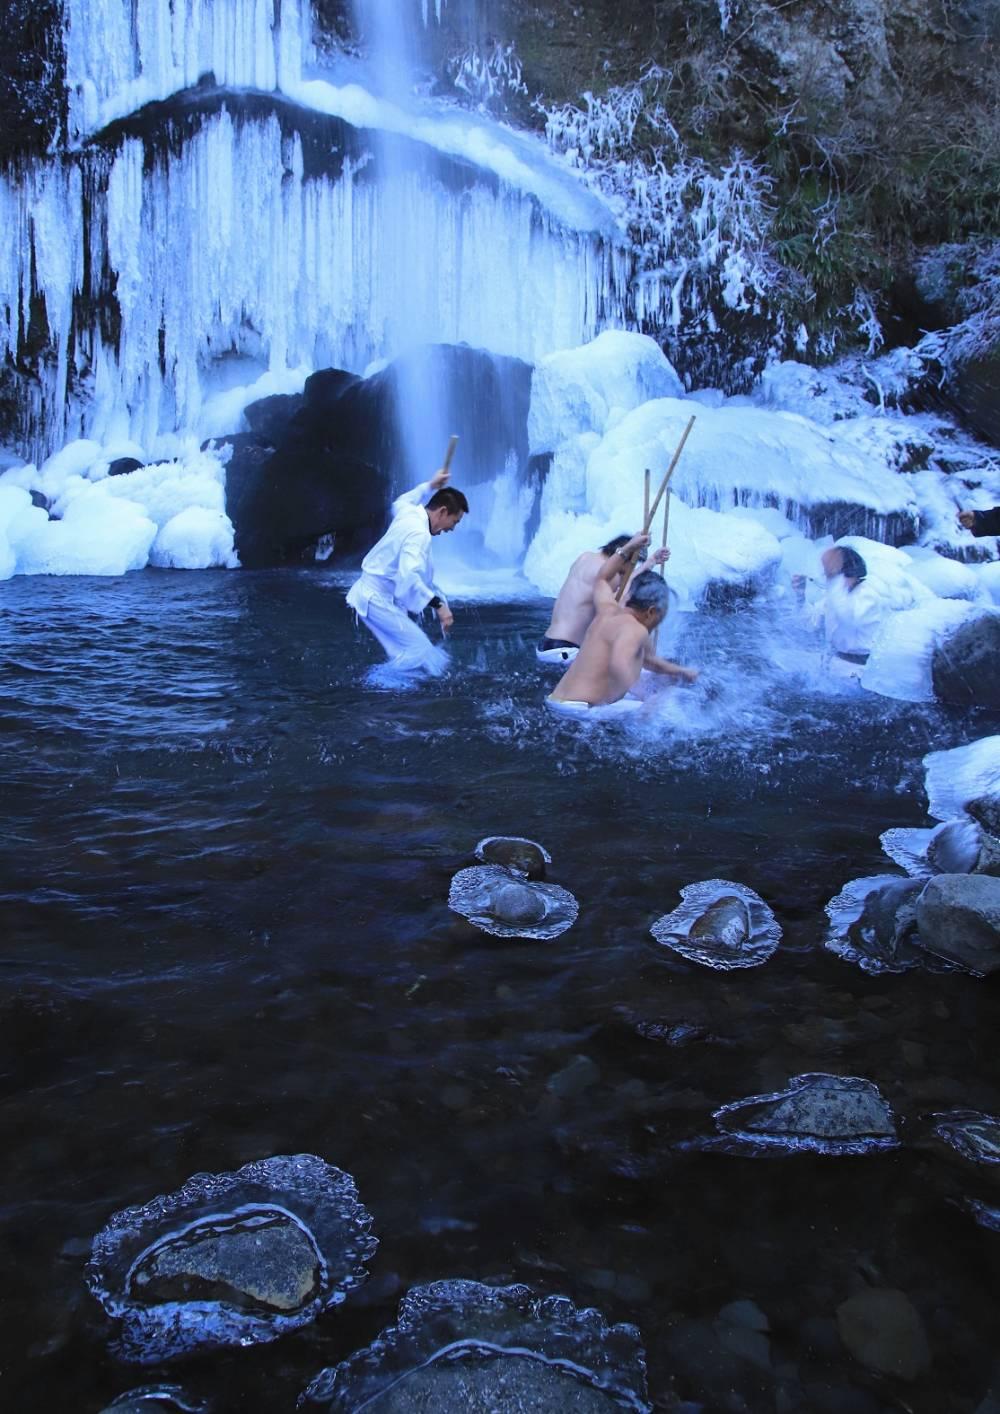 『凍てつく滝壺』〔撮影地〕夕日の滝(南足柄市)〔撮影者〕諸星 重明